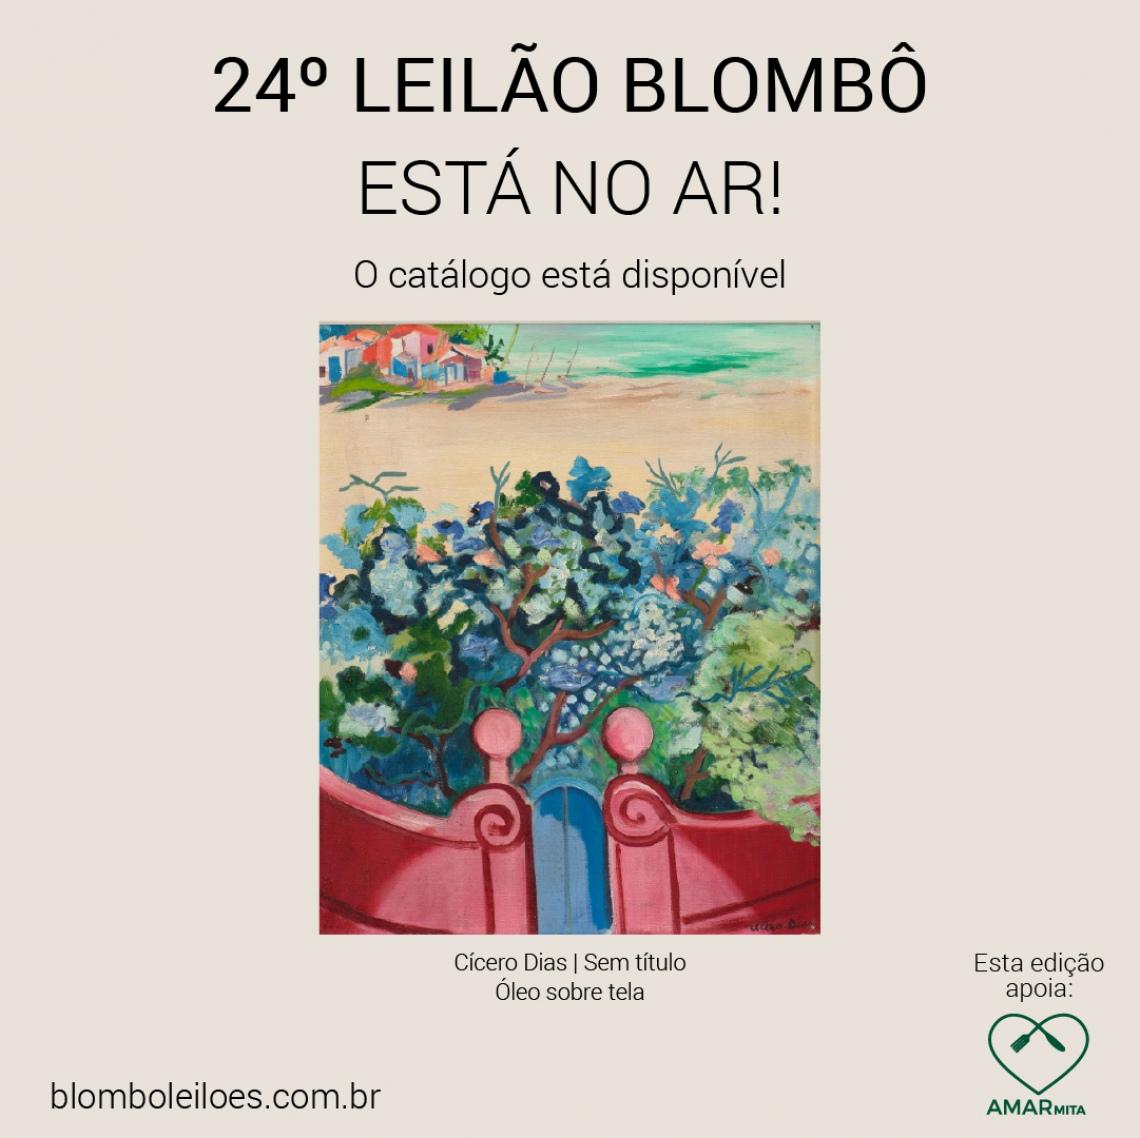 Leilão Online- Essa edição apoia AMARmita - 18 de Maio - 20h (Segunda-feira)